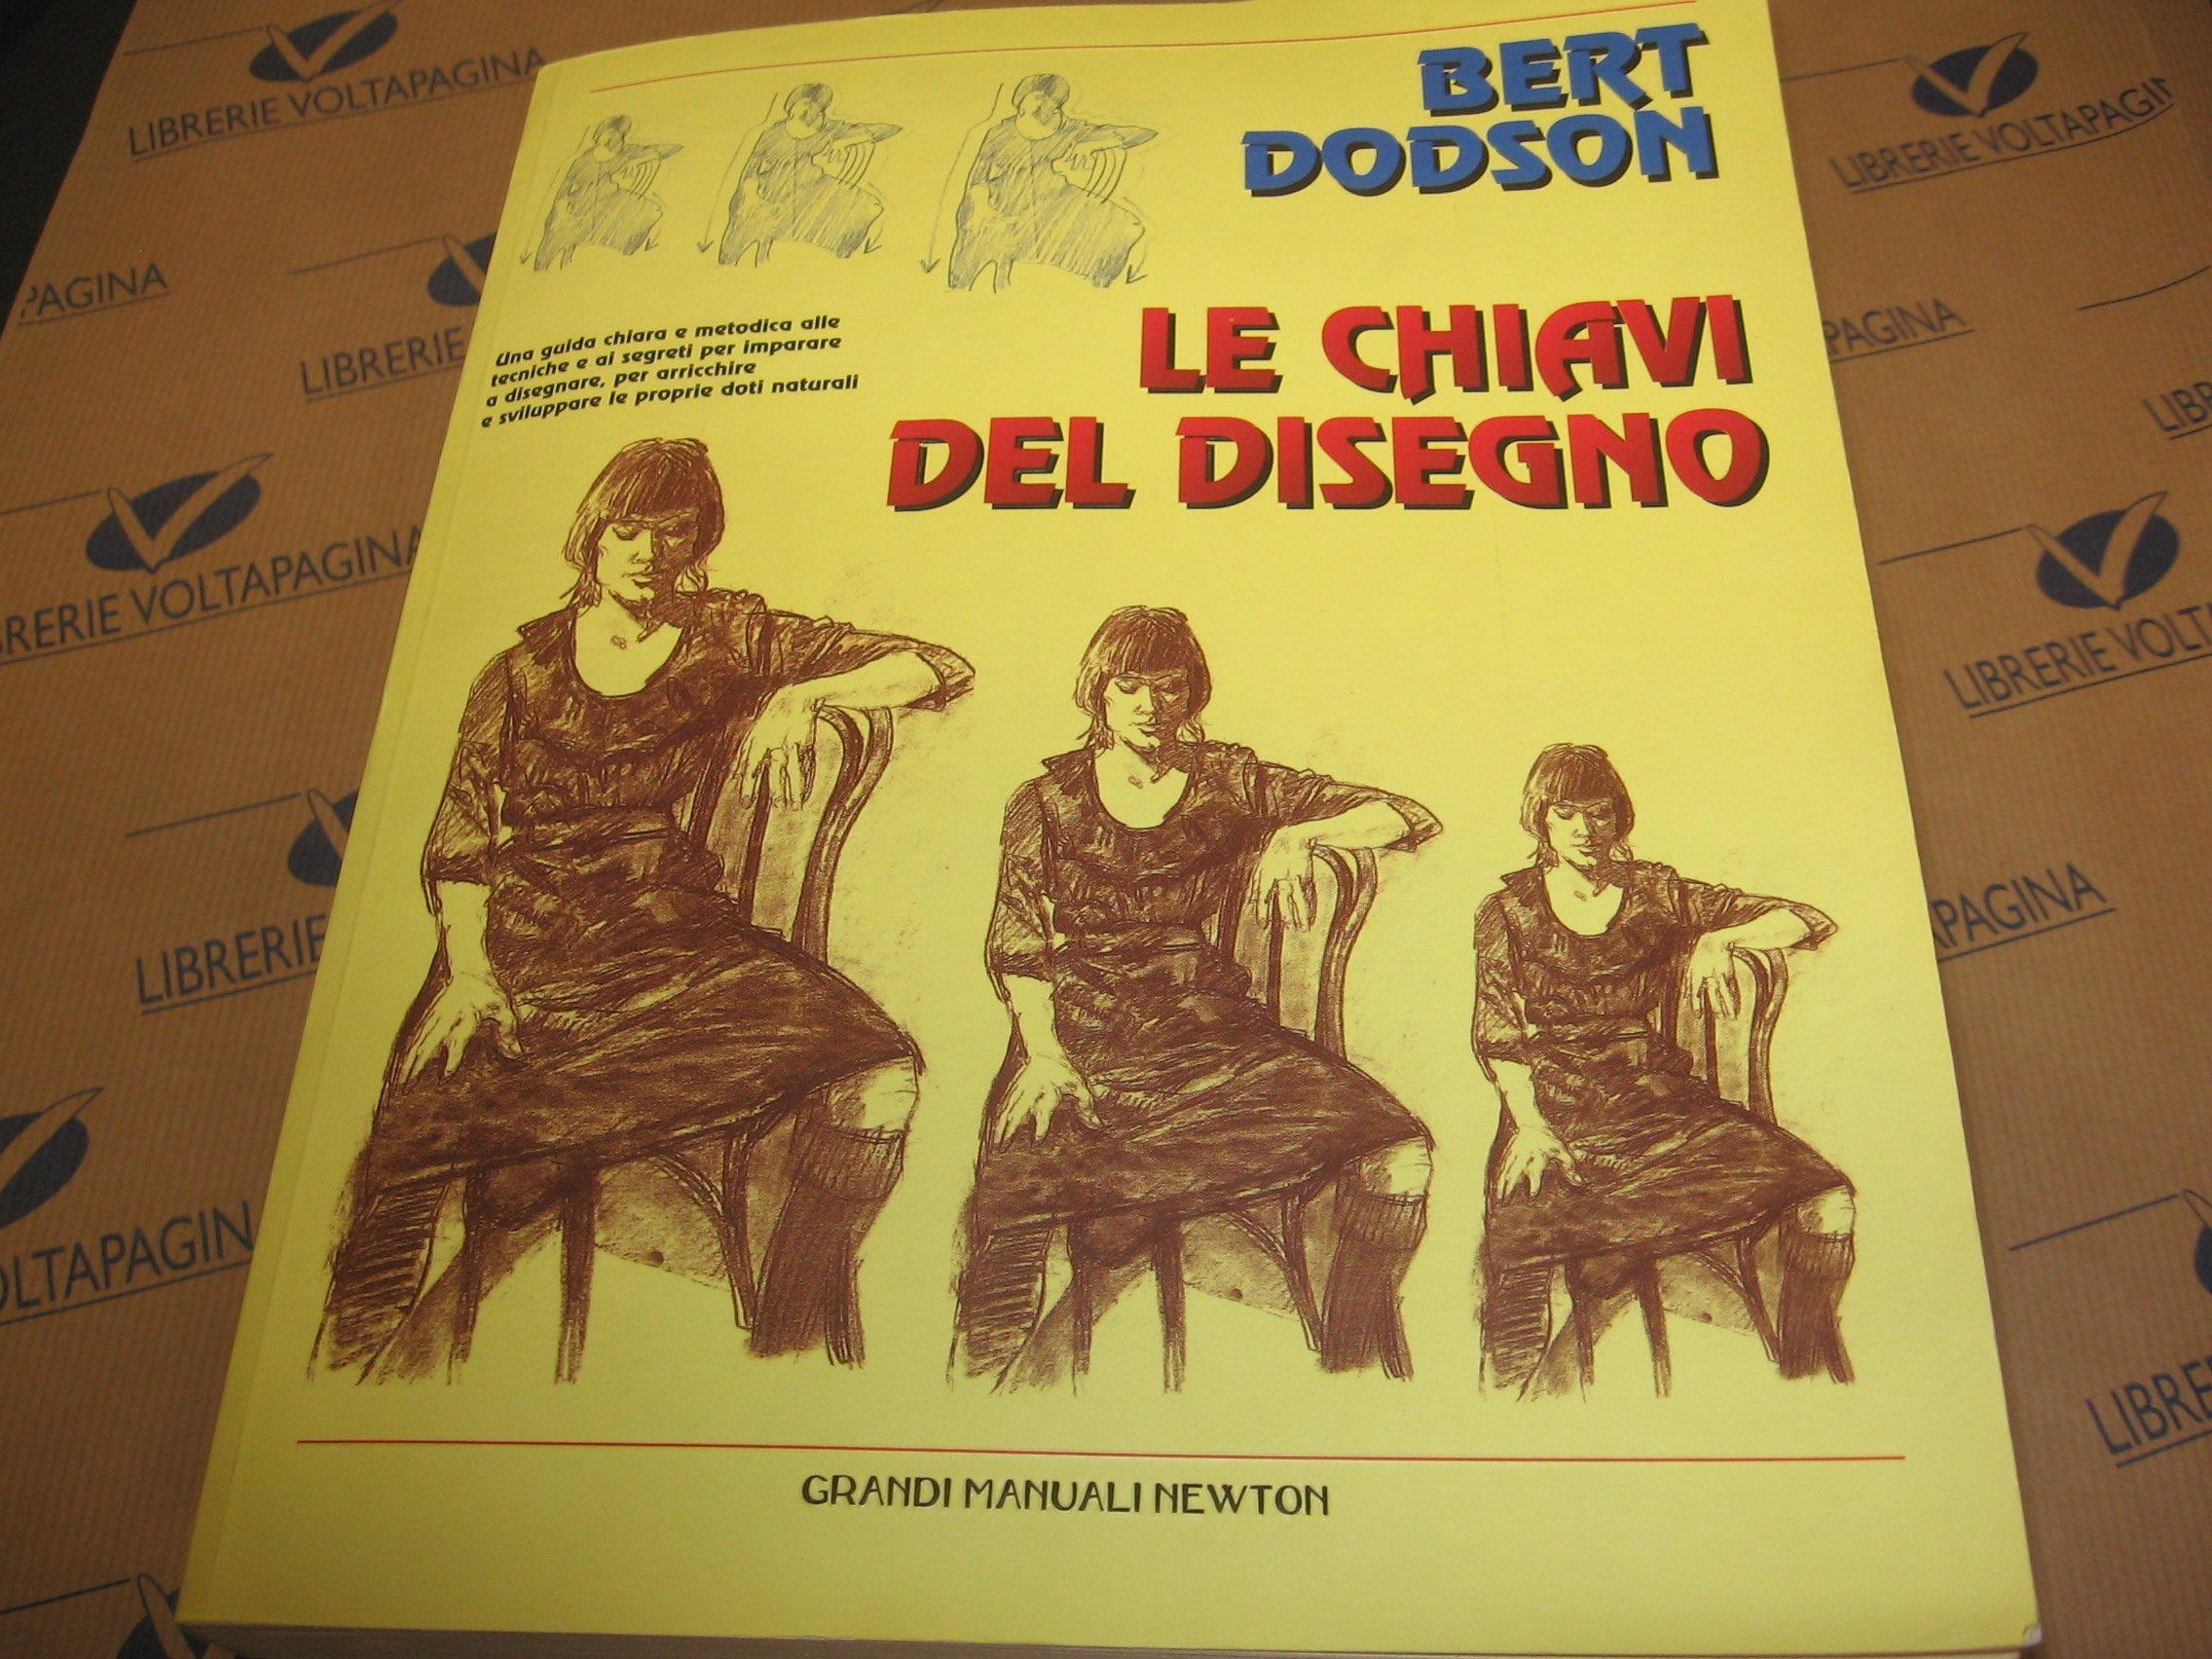 Le Chiavi Del Disegno.Le Chiavi Del Disegno 9788881839100 Amazon Com Books